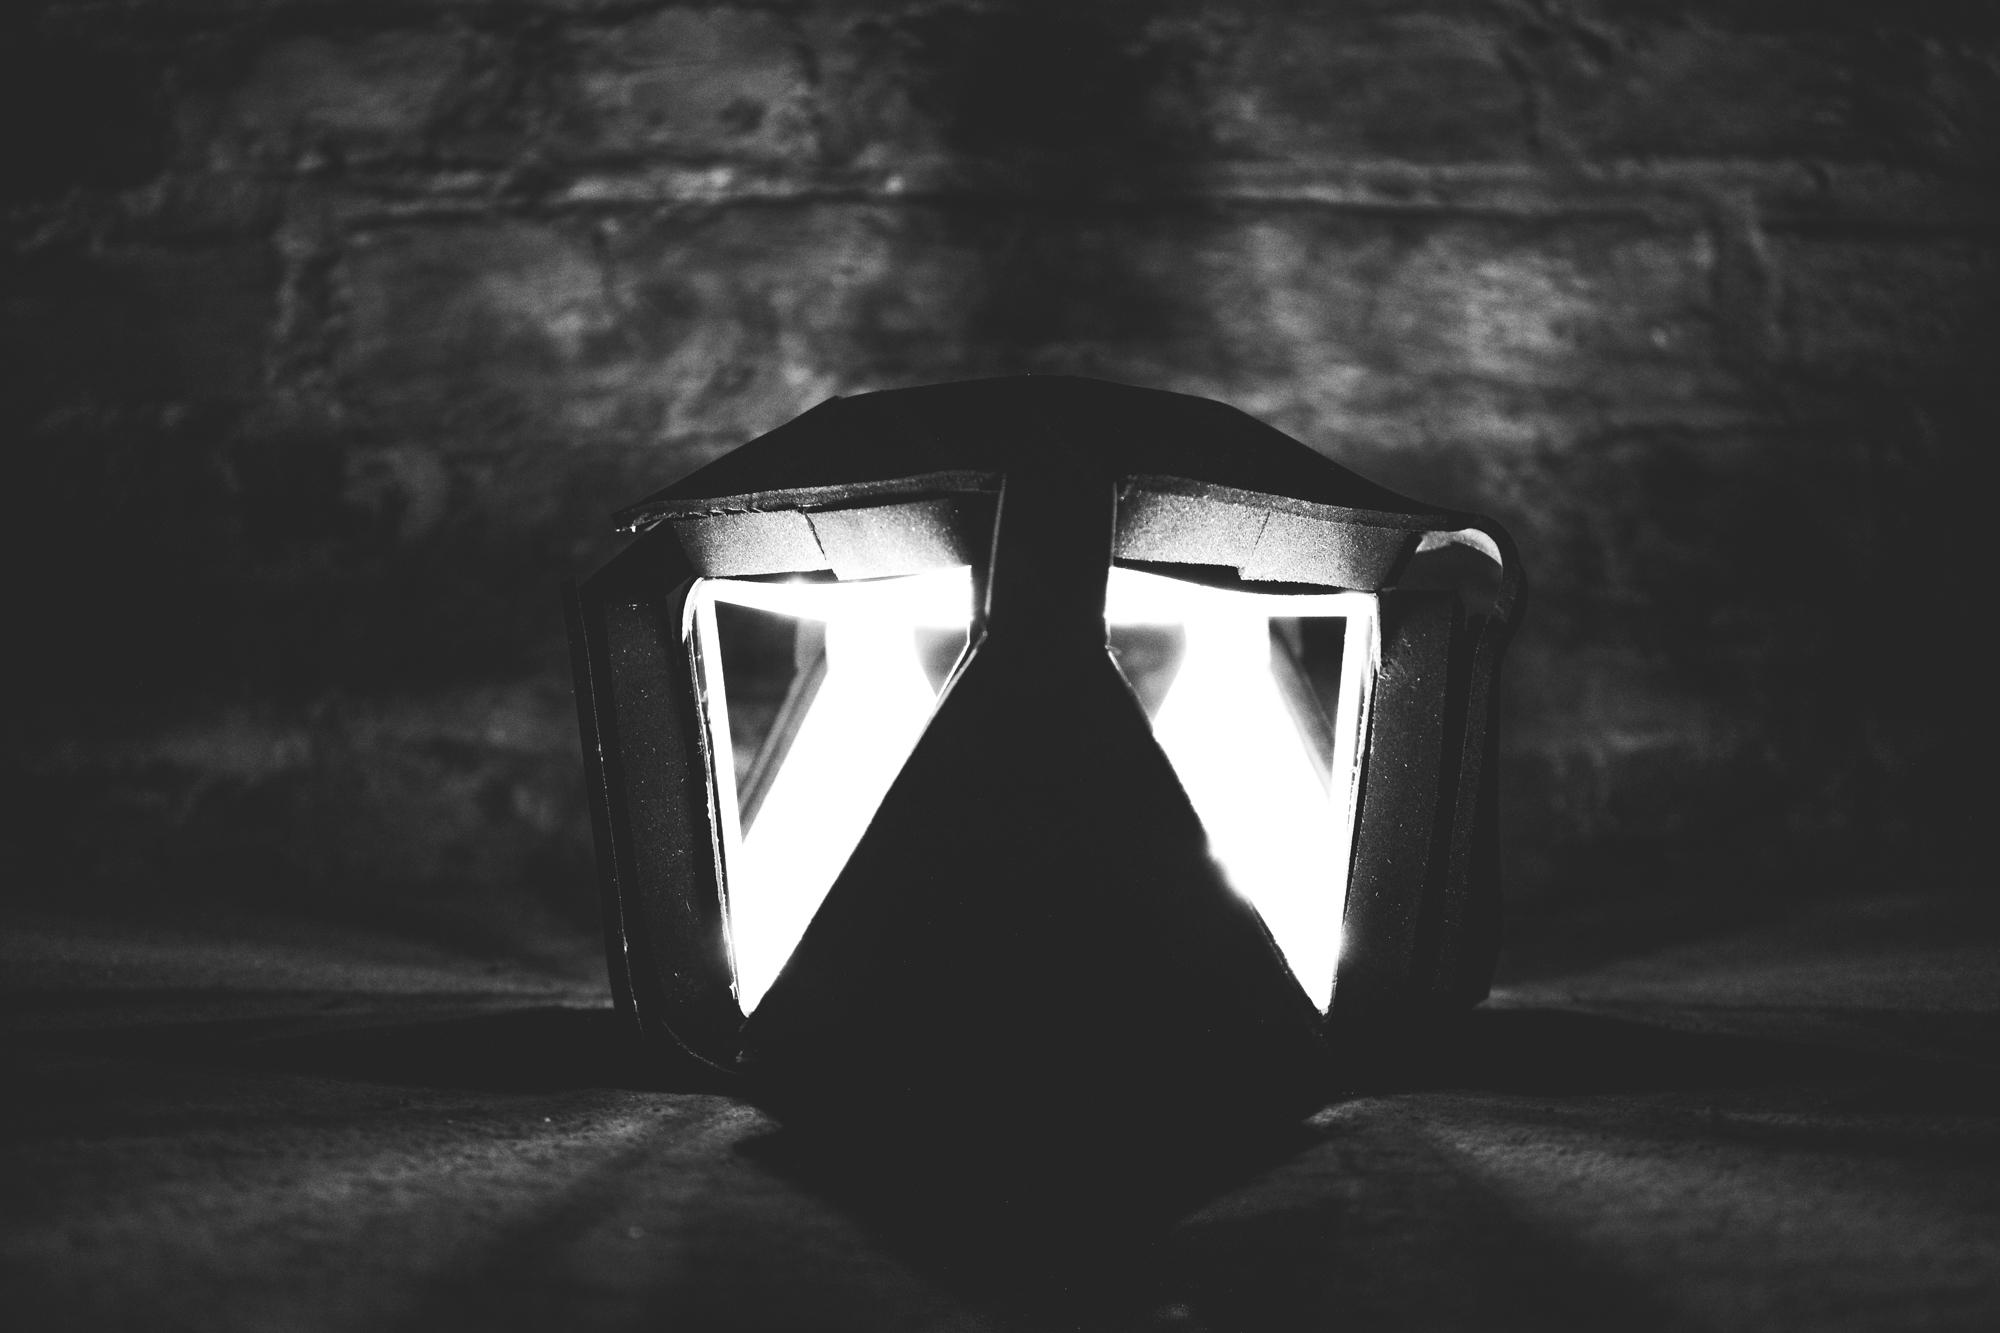 webschlichtlights-5.jpg